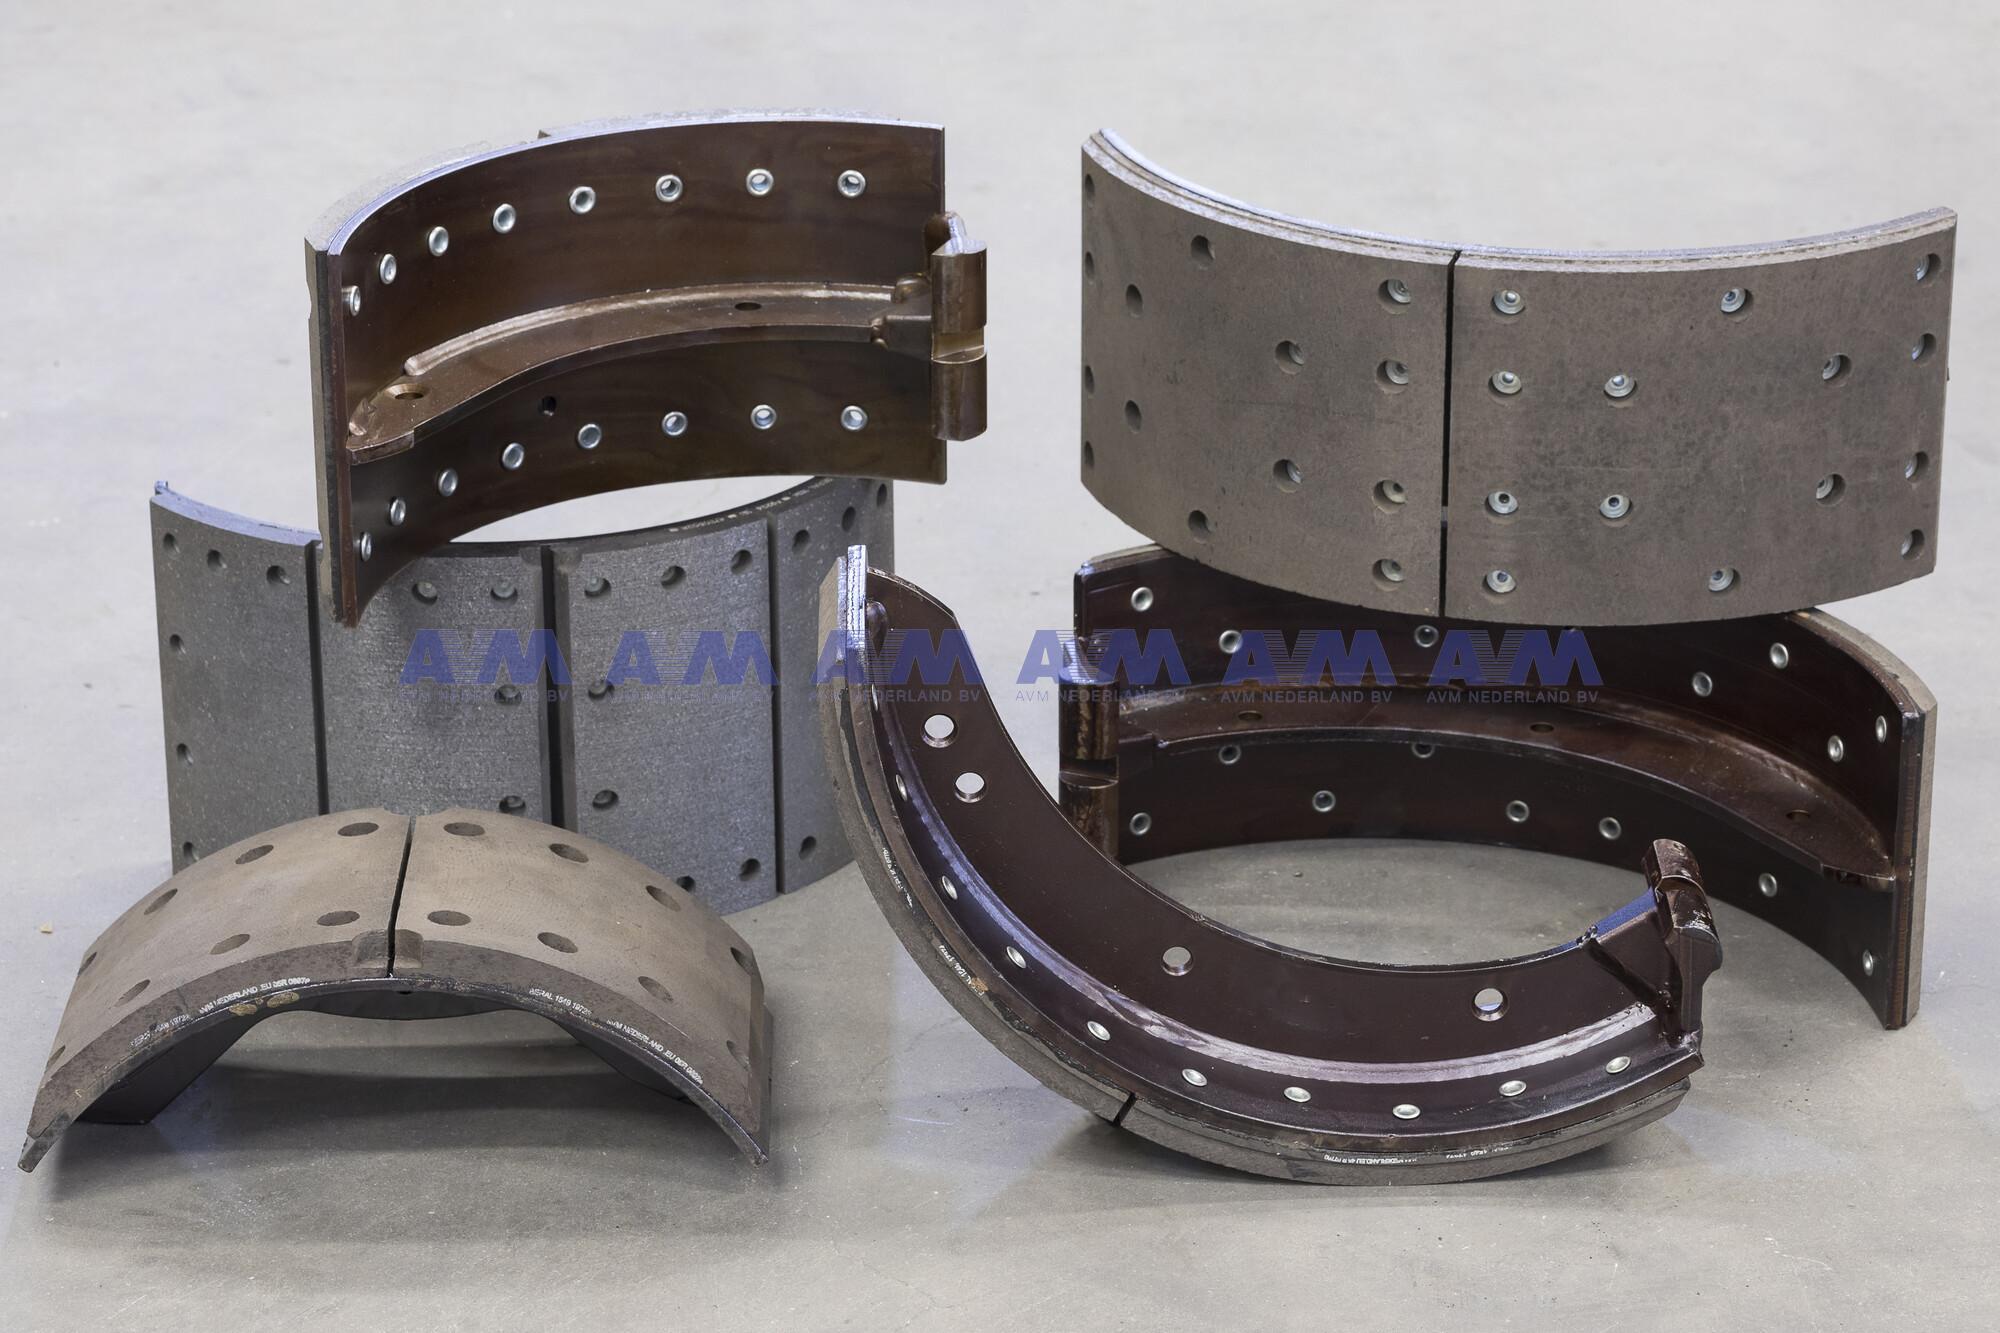 Ruilremschoen 410x180 mm - Zwaar 13401 Knott